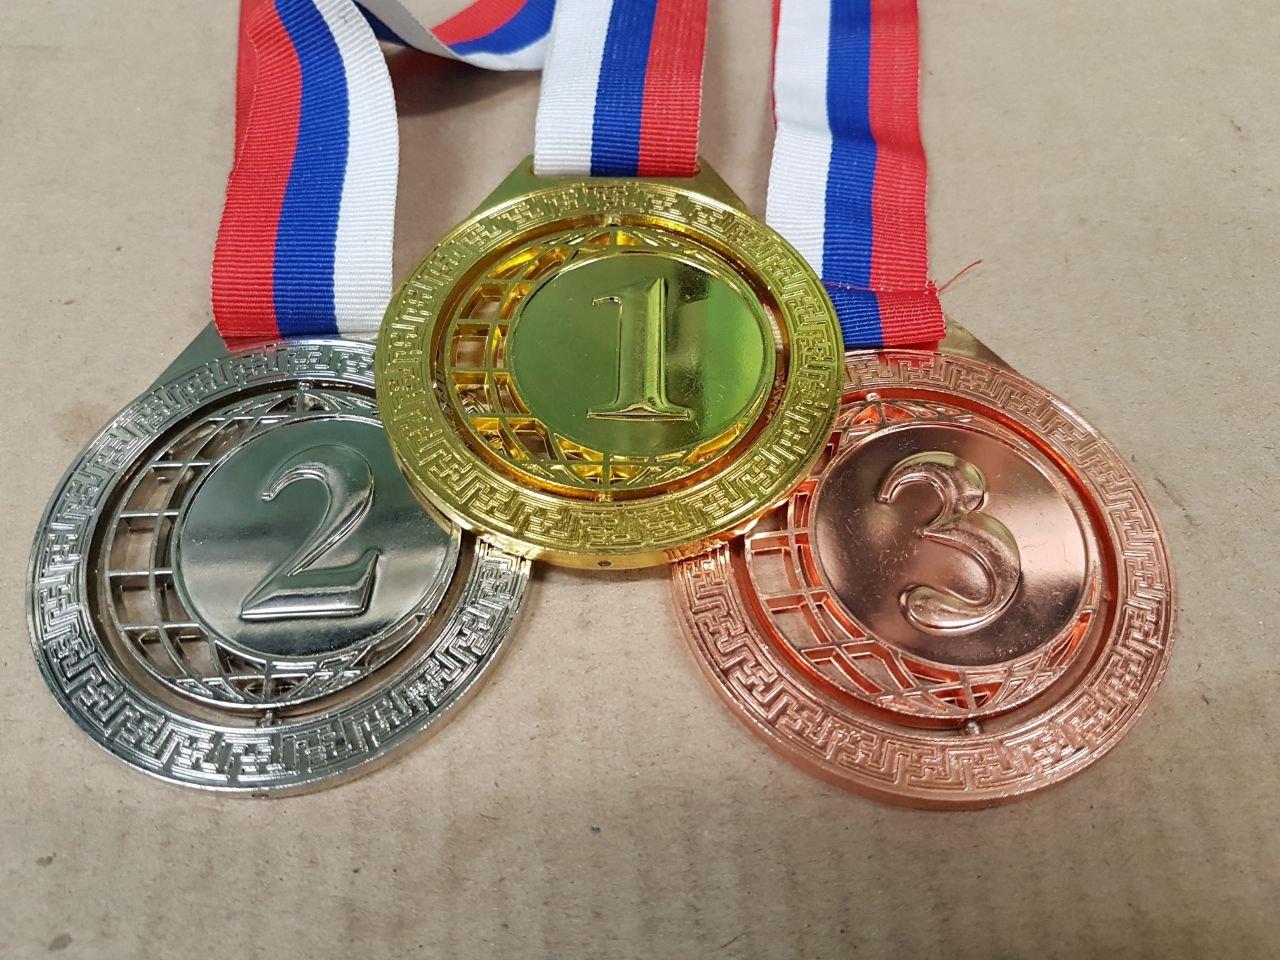 Русские школьники взяли 9 призовых мест наIntel ISEF